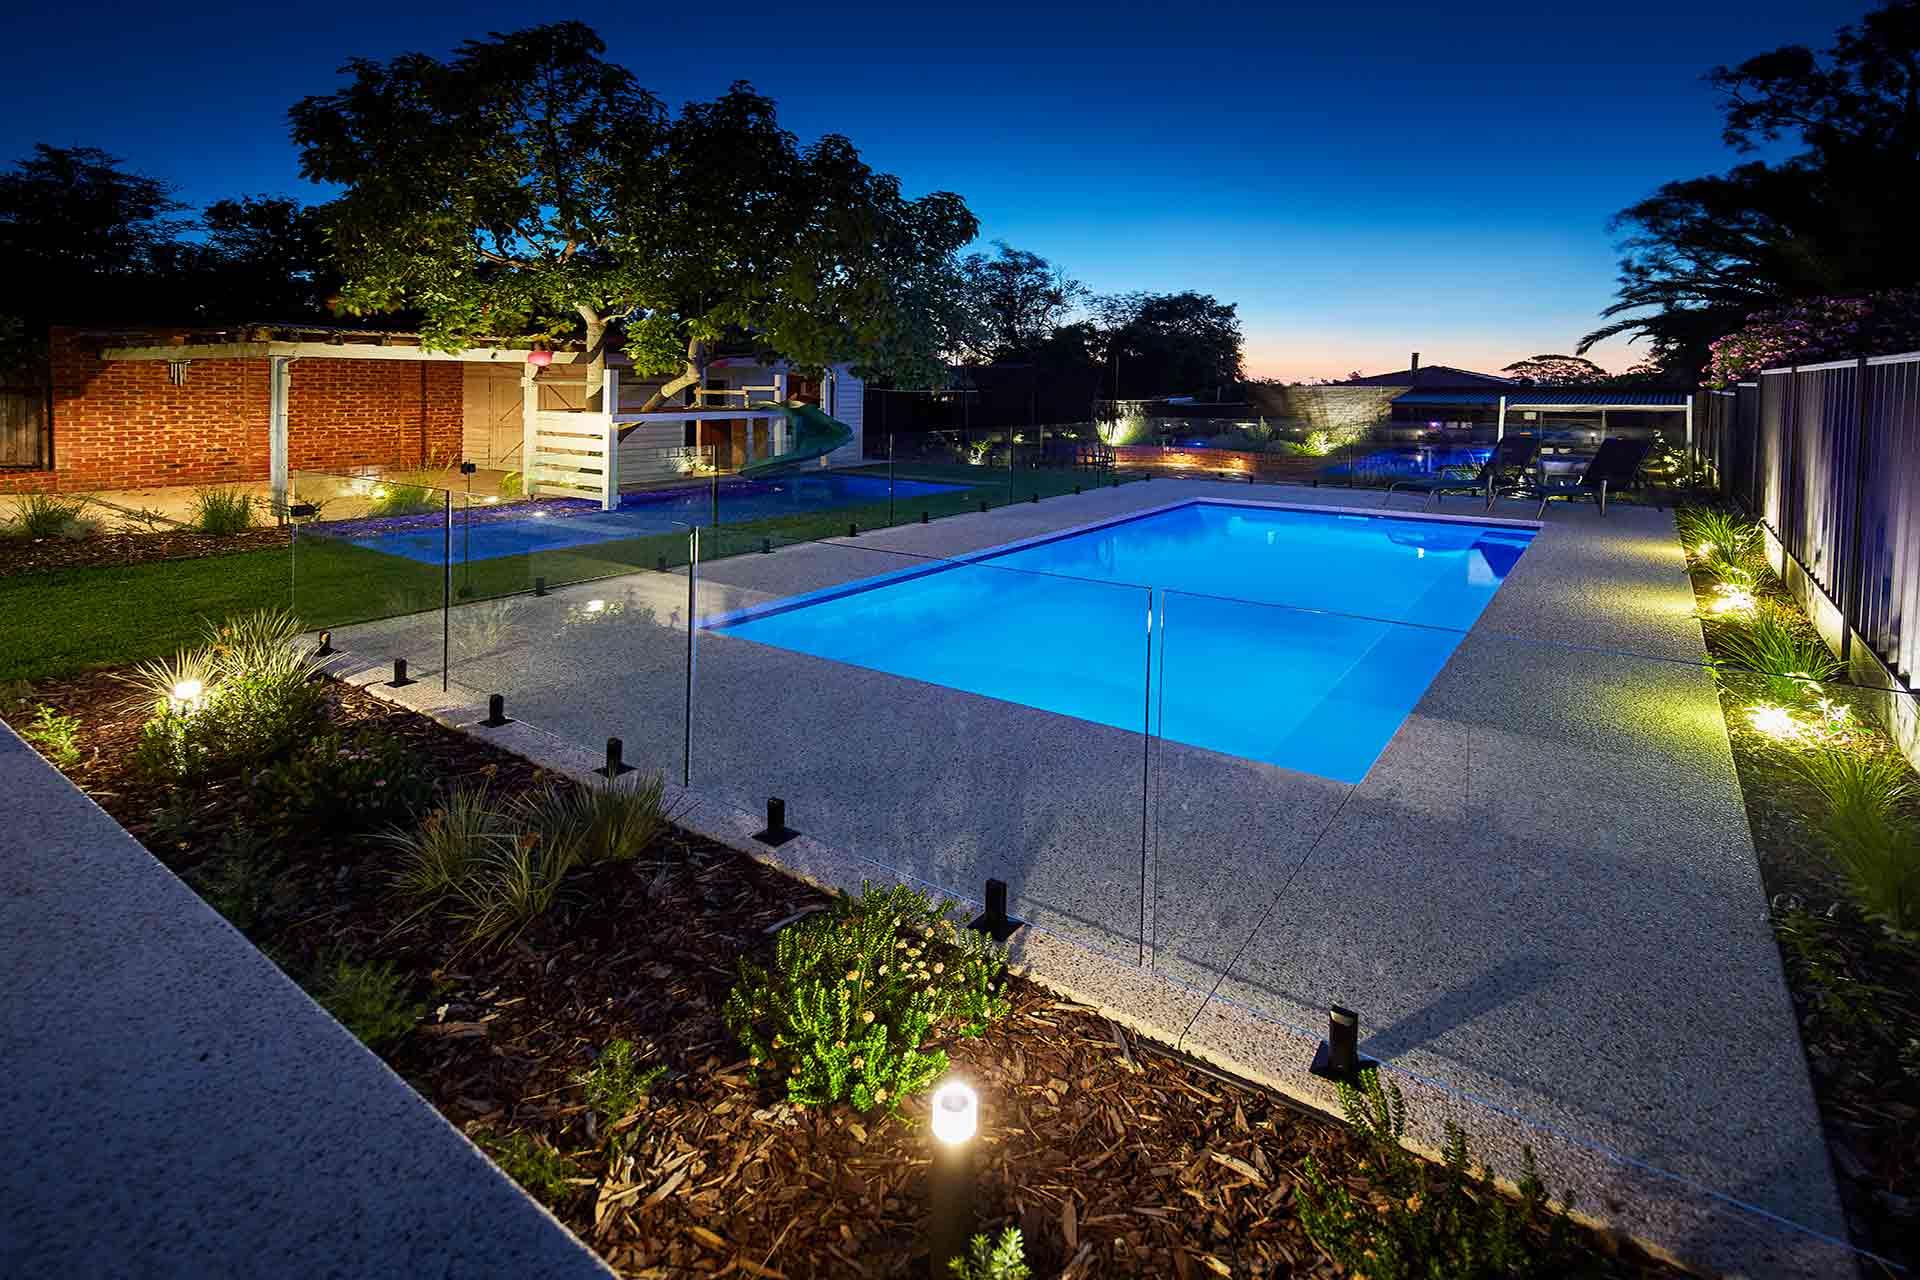 pool-lights-2